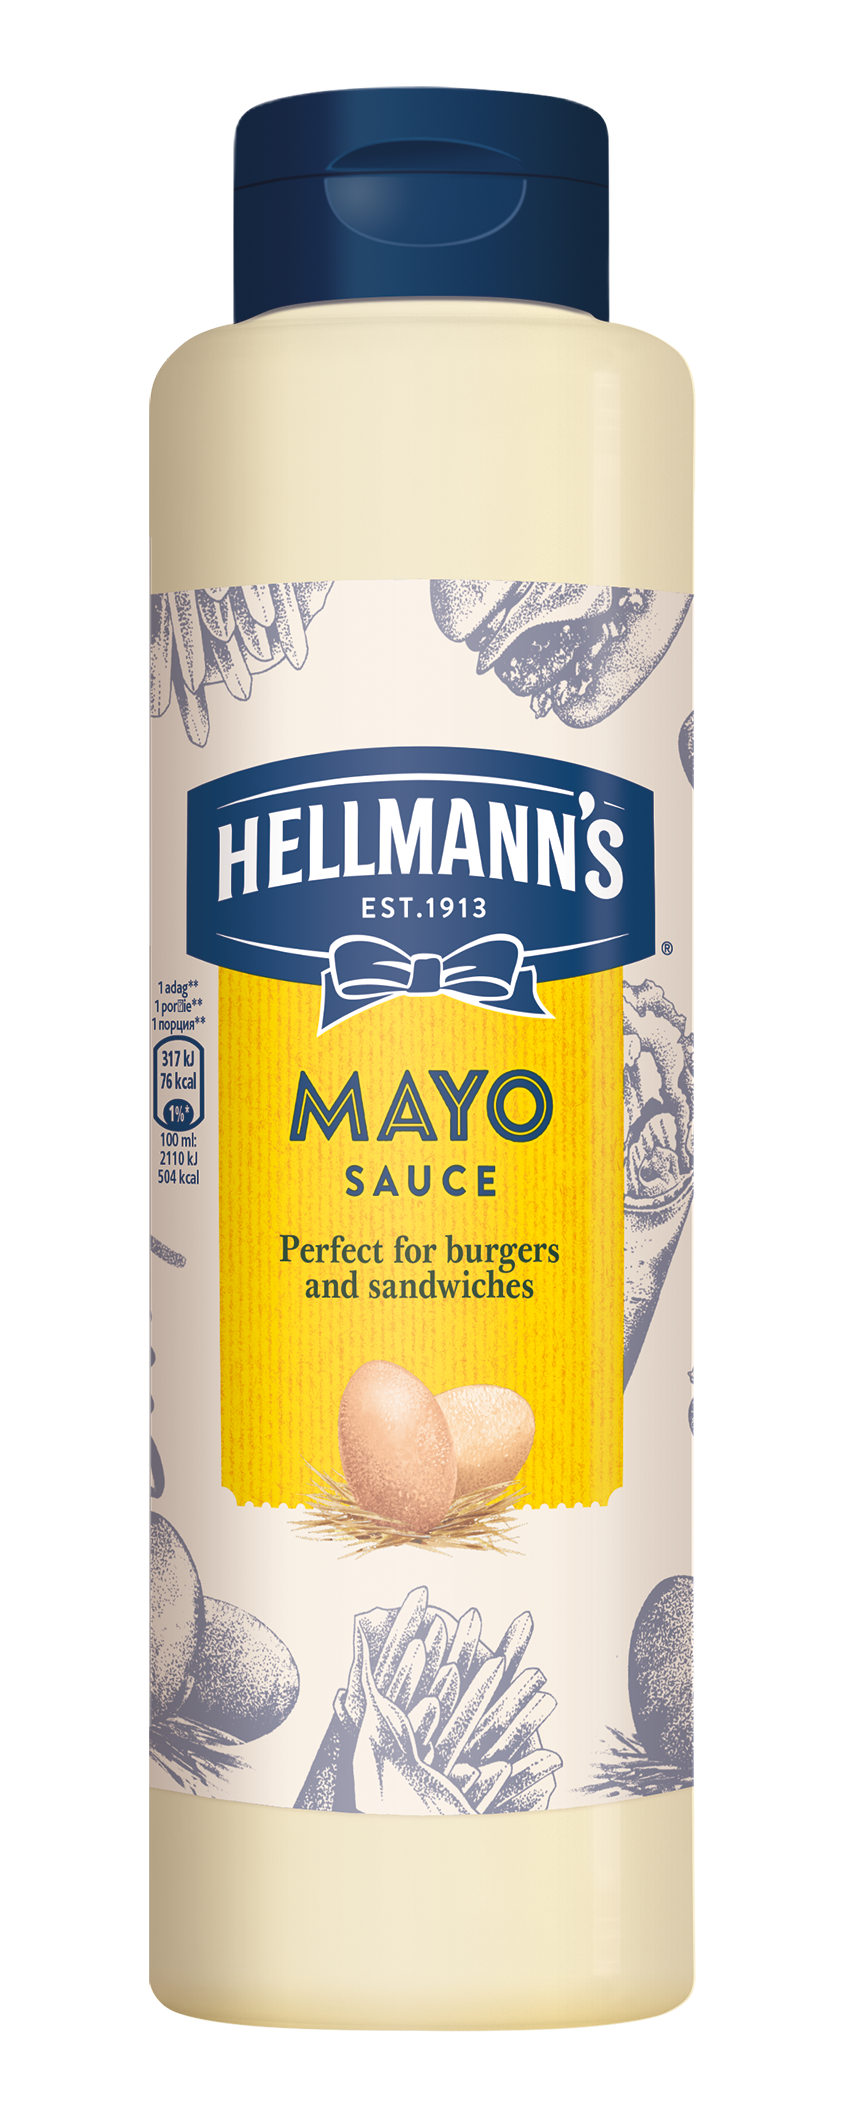 Hellmann's umak tipa majoneze 850 ml - Pokažite kvalitetu svojim gostima